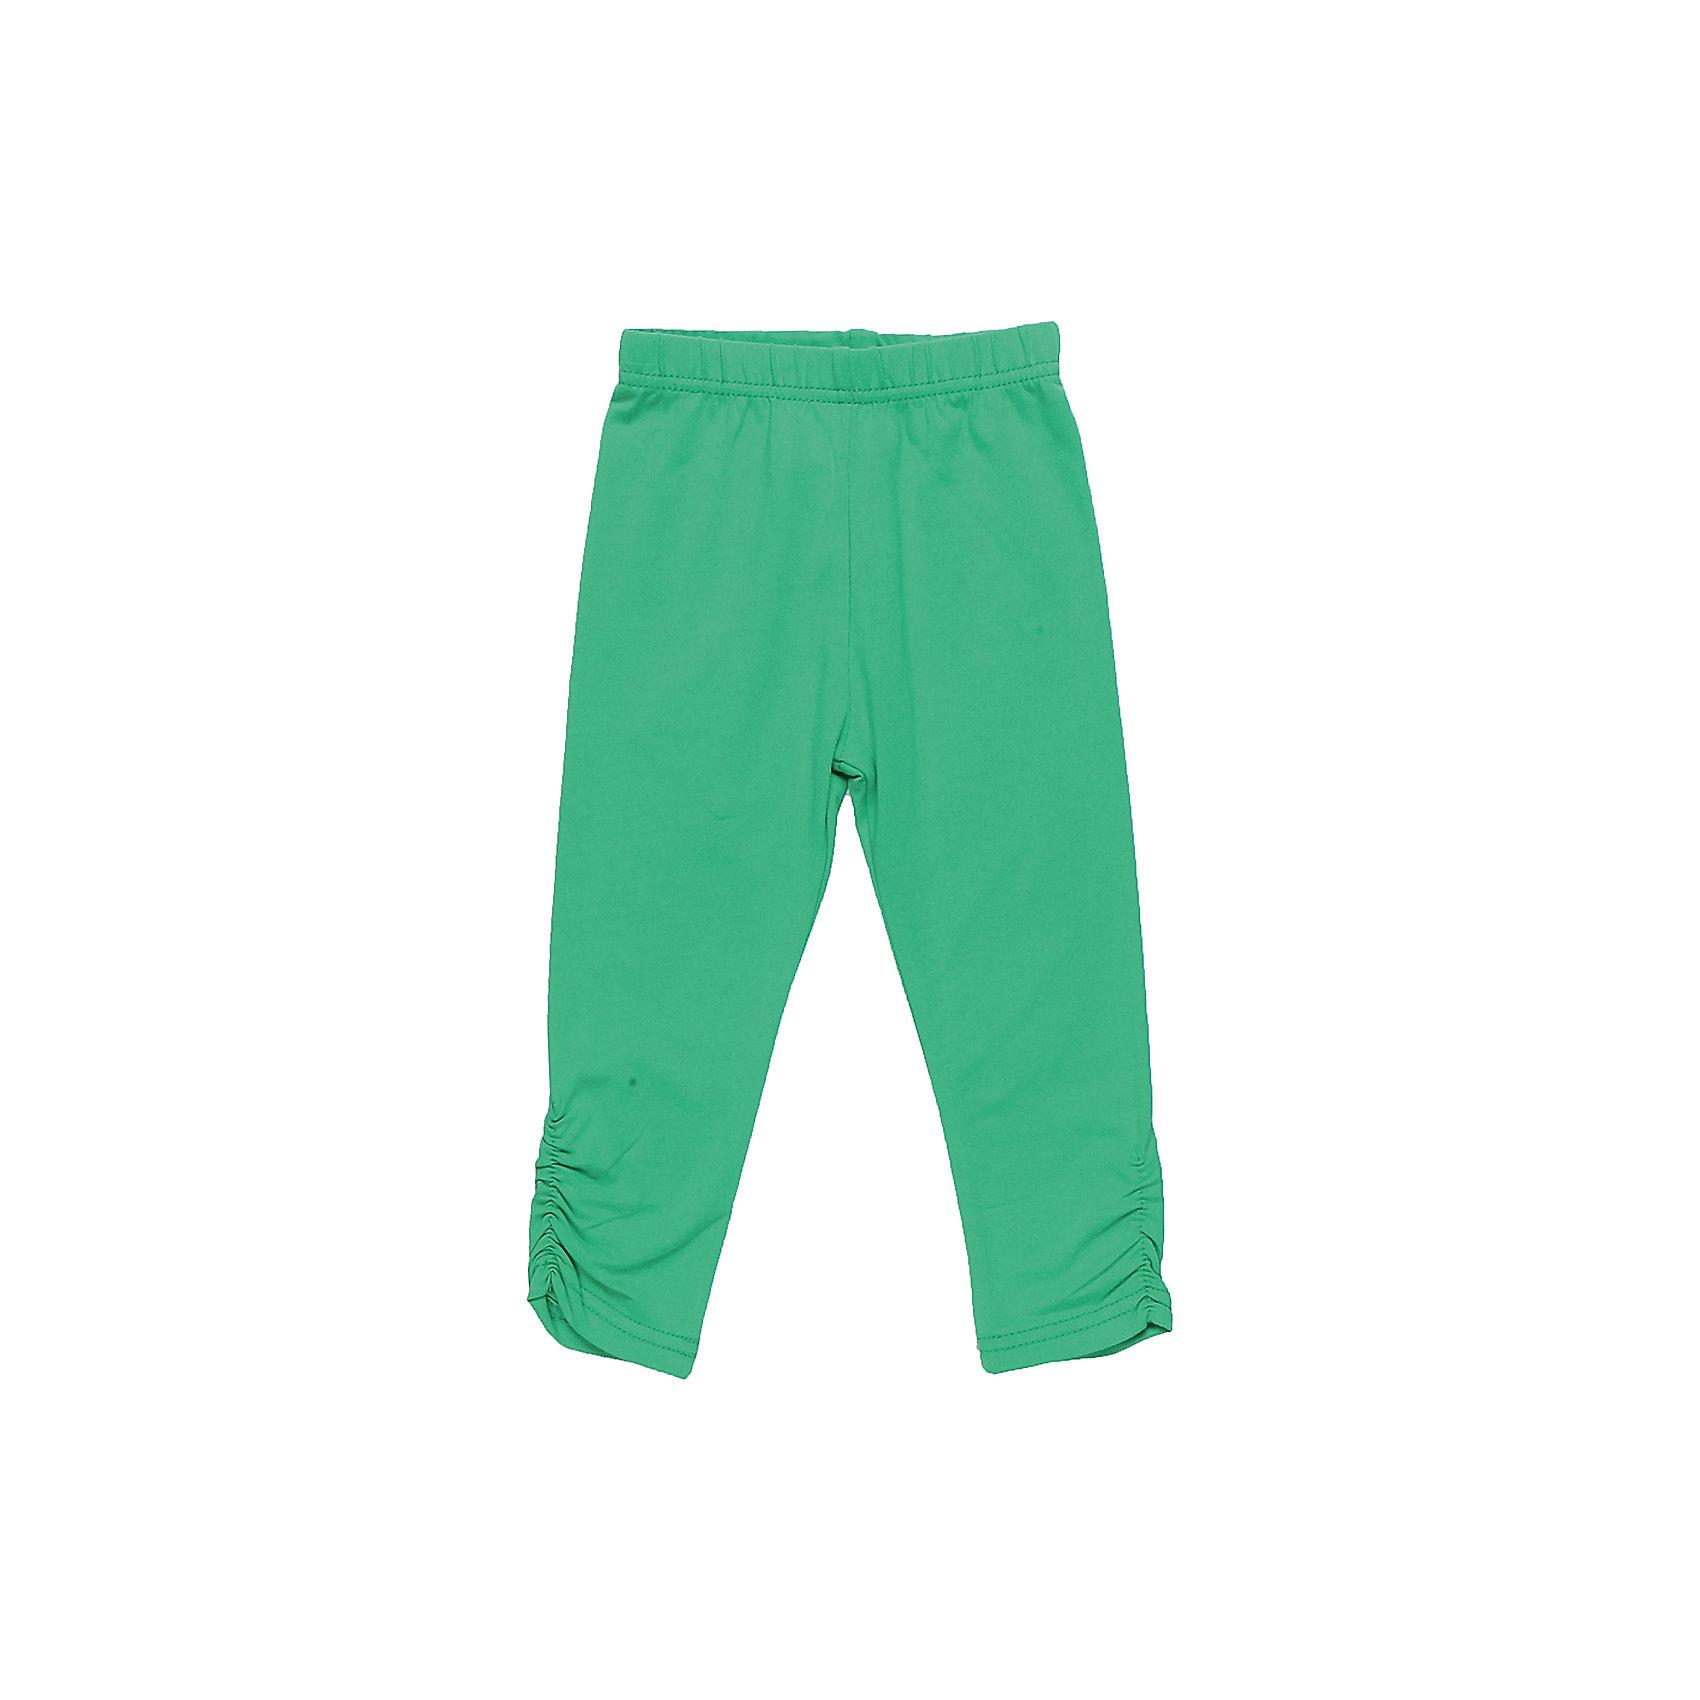 Леггинсы для девочки Sweet BerryЛосины для девочки выполнены из трикотажного полотна.  Низ брючин декорирован эластичной сборкой.  Мягкий пояс на резинке.<br>Состав:<br>95%хлопок 5%эластан<br><br>Ширина мм: 123<br>Глубина мм: 10<br>Высота мм: 149<br>Вес г: 209<br>Цвет: зеленый<br>Возраст от месяцев: 24<br>Возраст до месяцев: 36<br>Пол: Женский<br>Возраст: Детский<br>Размер: 98,80,86,92<br>SKU: 5411338